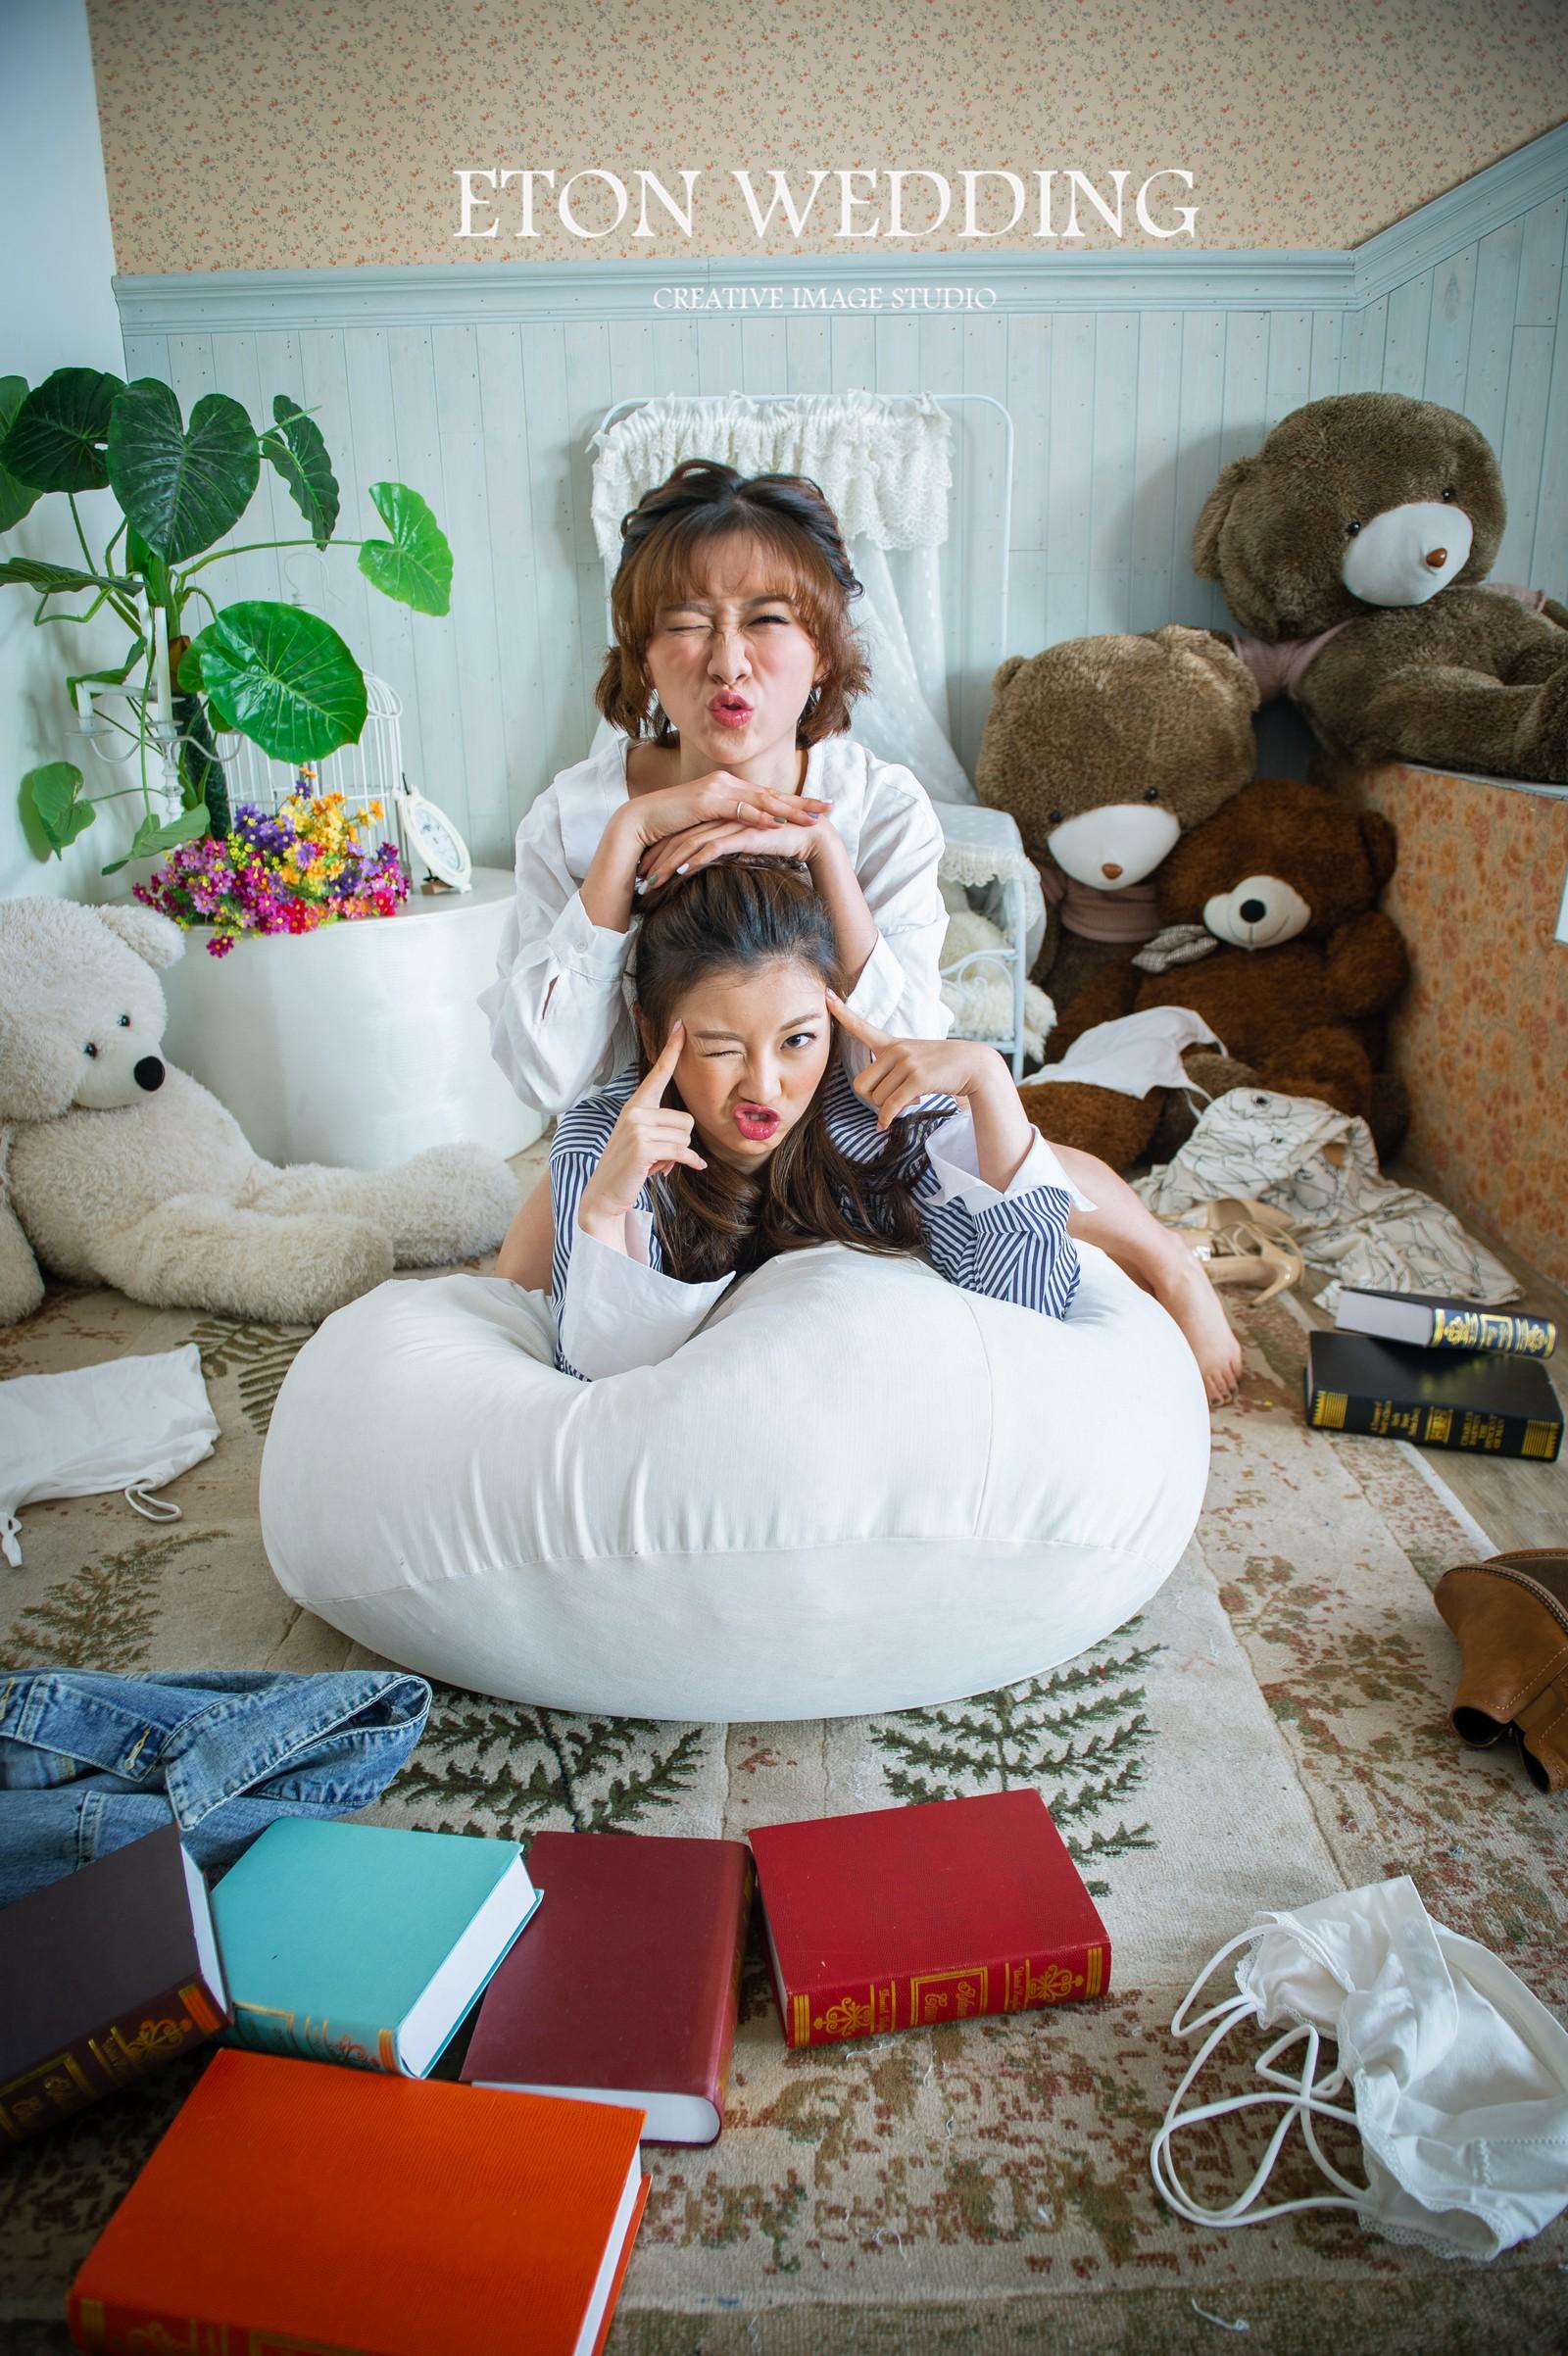 閨蜜寫真,閨蜜照,姐妹攝影,姐妹寫真,自助婚紗,bb22